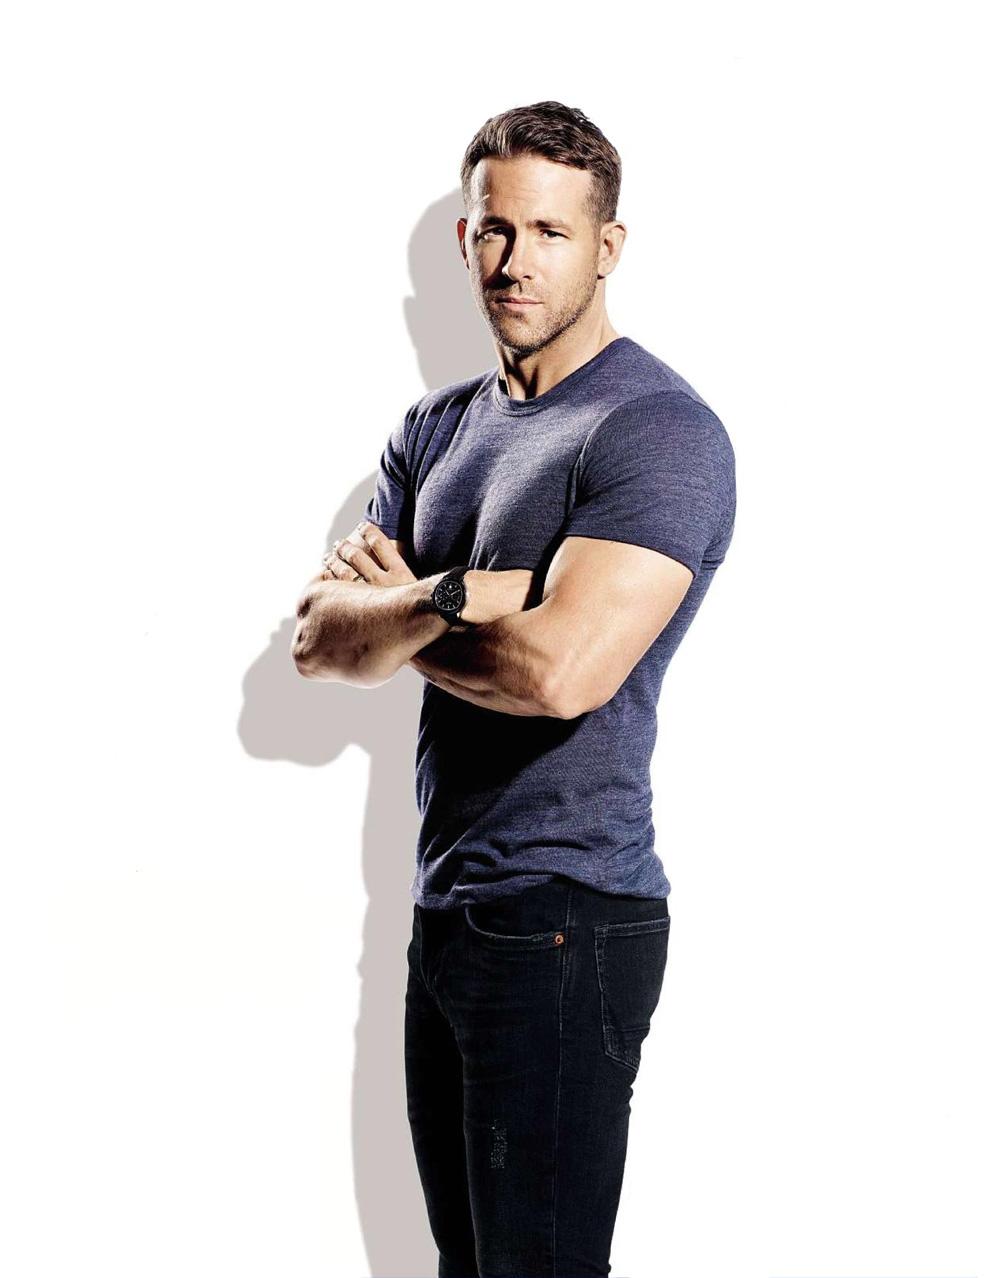 Ryan Reynolds for Men's Health UK September 2017 Issue1